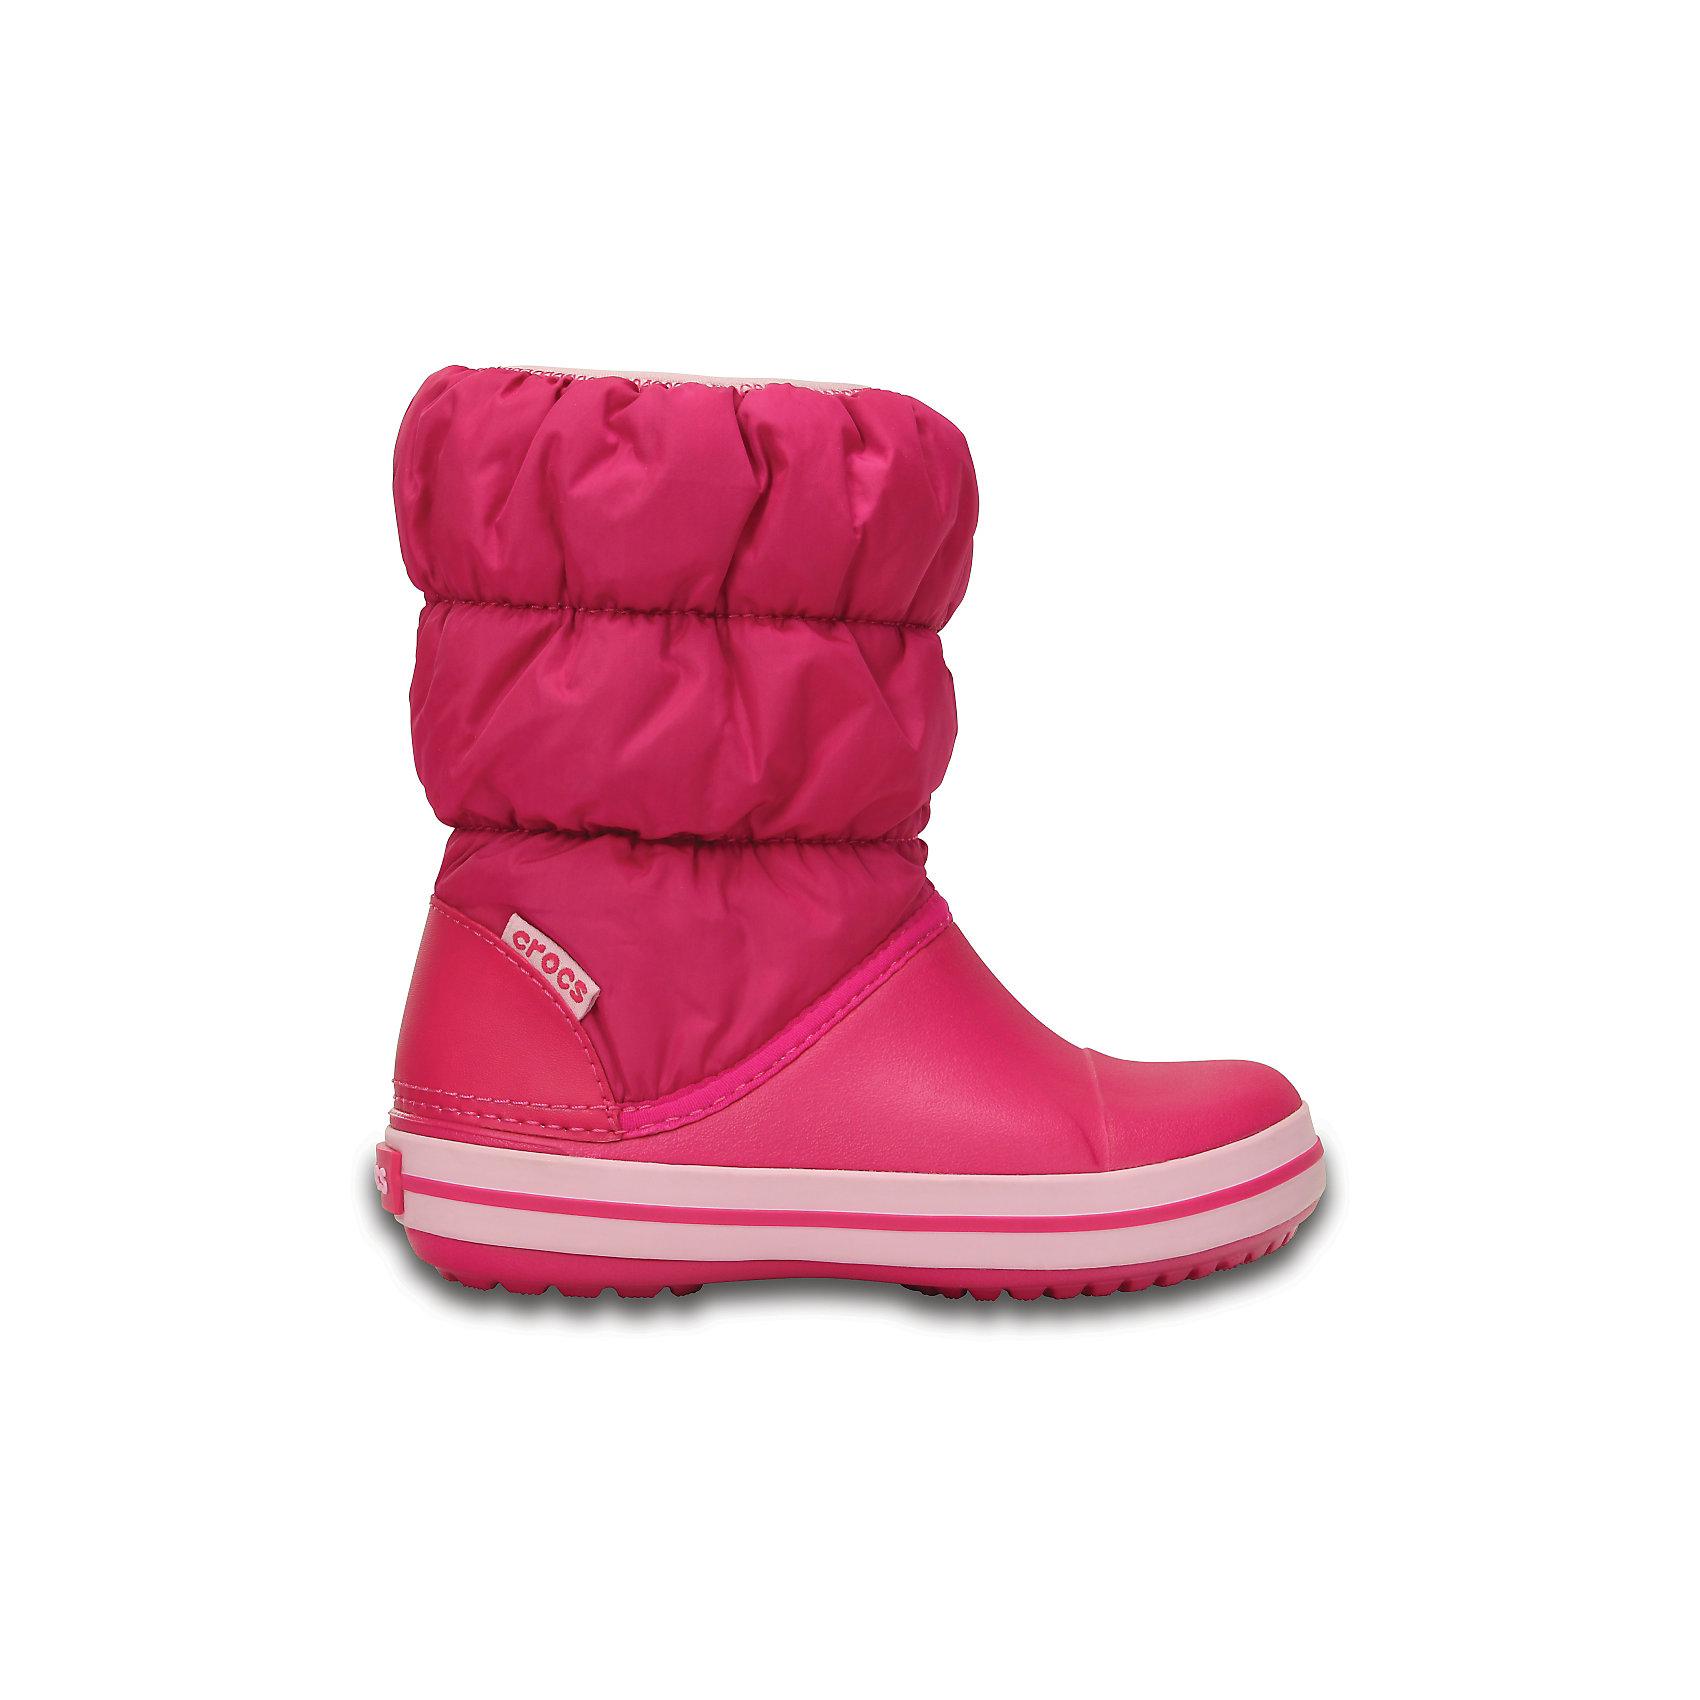 Сапоги Winter Puff Boot Kids для девочки CROCSСноубутсы<br>Характеристики товара:<br><br>• цвет: розовый<br>• материал: верх - текстиль, низ -100% полимер Croslite™<br>• материал подкладки: текстиль<br>• непромокаемая носочная часть<br>• температурный режим: от -15° до +10° С<br>• легко очищаются<br>• антискользящая подошва<br>• резинка наверху<br>• толстая устойчивая подошва<br>• страна бренда: США<br>• страна изготовитель: Китай<br><br>Сапоги могут быть и стильными, и теплыми! Для детской обуви крайне важно, чтобы она была удобной. Такие сапоги обеспечивают детям необходимый комфорт, а теплая подкладка создает особый микроклимат. Сапоги легко надеваются и снимаются, отлично сидят на ноге. Материал, из которого они сделаны, не дает размножаться бактериям, поэтому такая обувь препятствует образованию неприятного запаха и появлению болезней стоп. Данная модель особенно понравится детям - ведь в них можно бегать по лужам!<br>Обувь от американского бренда Crocs в данный момент завоевала широкую популярность во всем мире, и это не удивительно - ведь она невероятно удобна. Её носят врачи, спортсмены, звёзды шоу-бизнеса, люди, которым много времени приходится бывать на ногах - они понимают, как важна комфортная обувь. Продукция Crocs - это качественные товары, созданные с применением новейших технологий. Обувь отличается стильным дизайном и продуманной конструкцией. Изделие производится из качественных и проверенных материалов, которые безопасны для детей.<br><br>Сапоги для девочки от торговой марки Crocs можно купить в нашем интернет-магазине.<br><br>Ширина мм: 257<br>Глубина мм: 180<br>Высота мм: 130<br>Вес г: 420<br>Цвет: розовый<br>Возраст от месяцев: 132<br>Возраст до месяцев: 144<br>Пол: Женский<br>Возраст: Детский<br>Размер: 34/35,27,28,29,30,23,24,25,26,31/32,33/34<br>SKU: 5027457